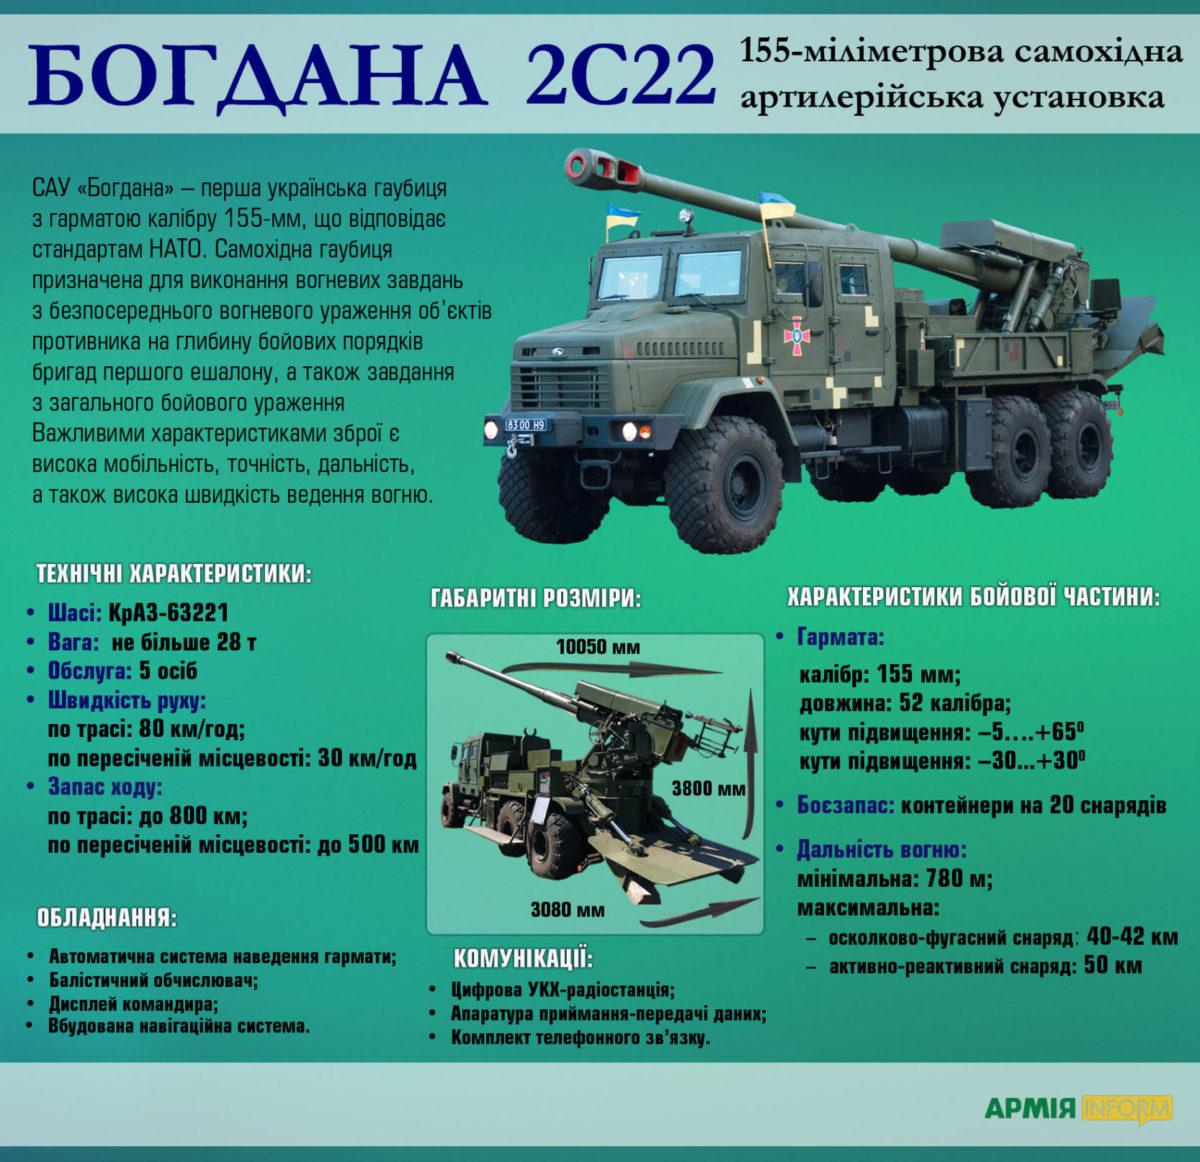 2С22 «Богдана» ‒ українська самохідка